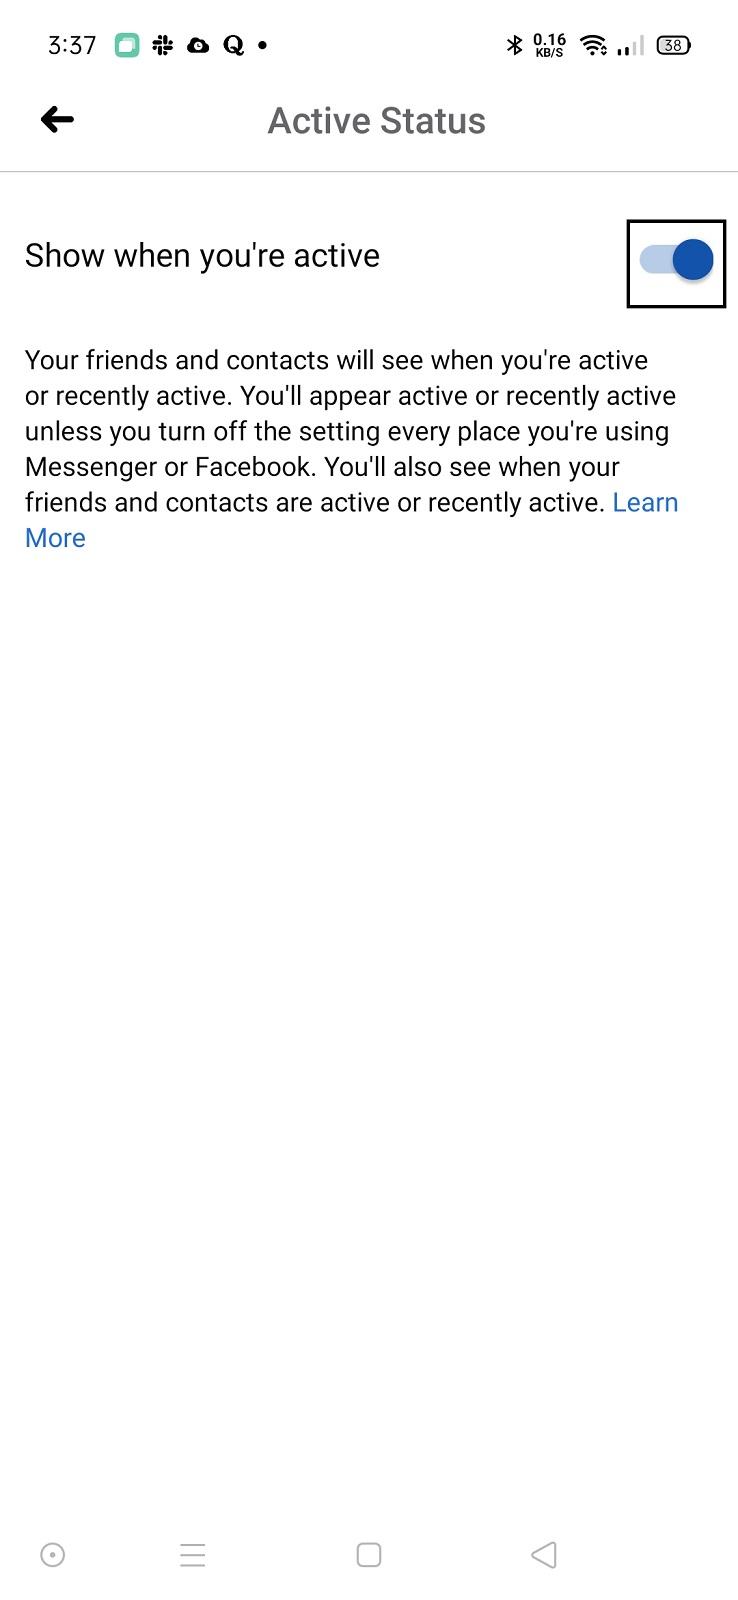 قم بتعطيل إمكانية عرض نشاطك على الفيس بوك